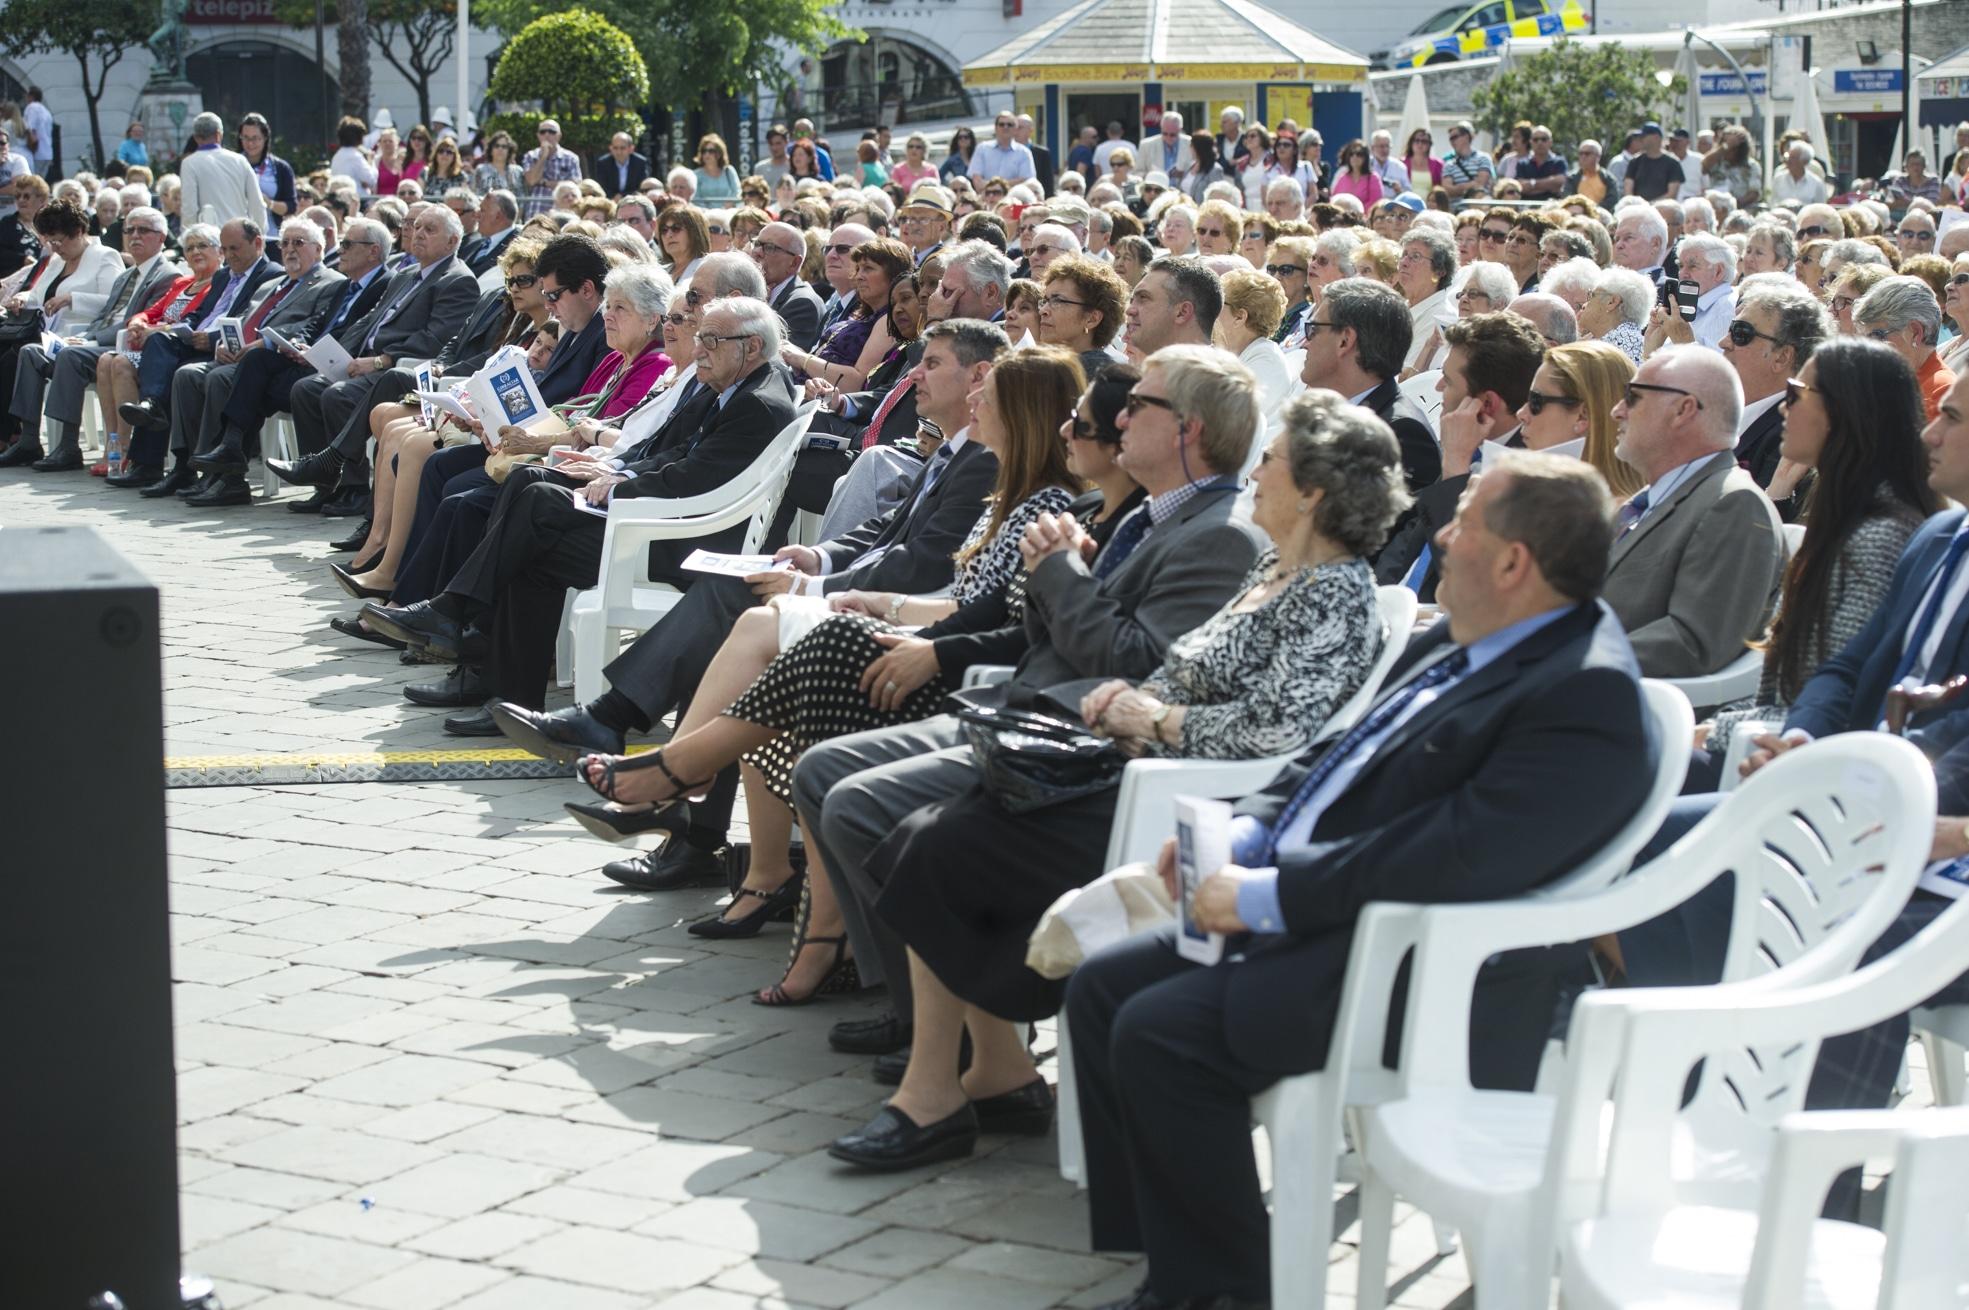 ceremonia-75-anos-evacuacion-gibraltar-22052015-26_17992034242_o